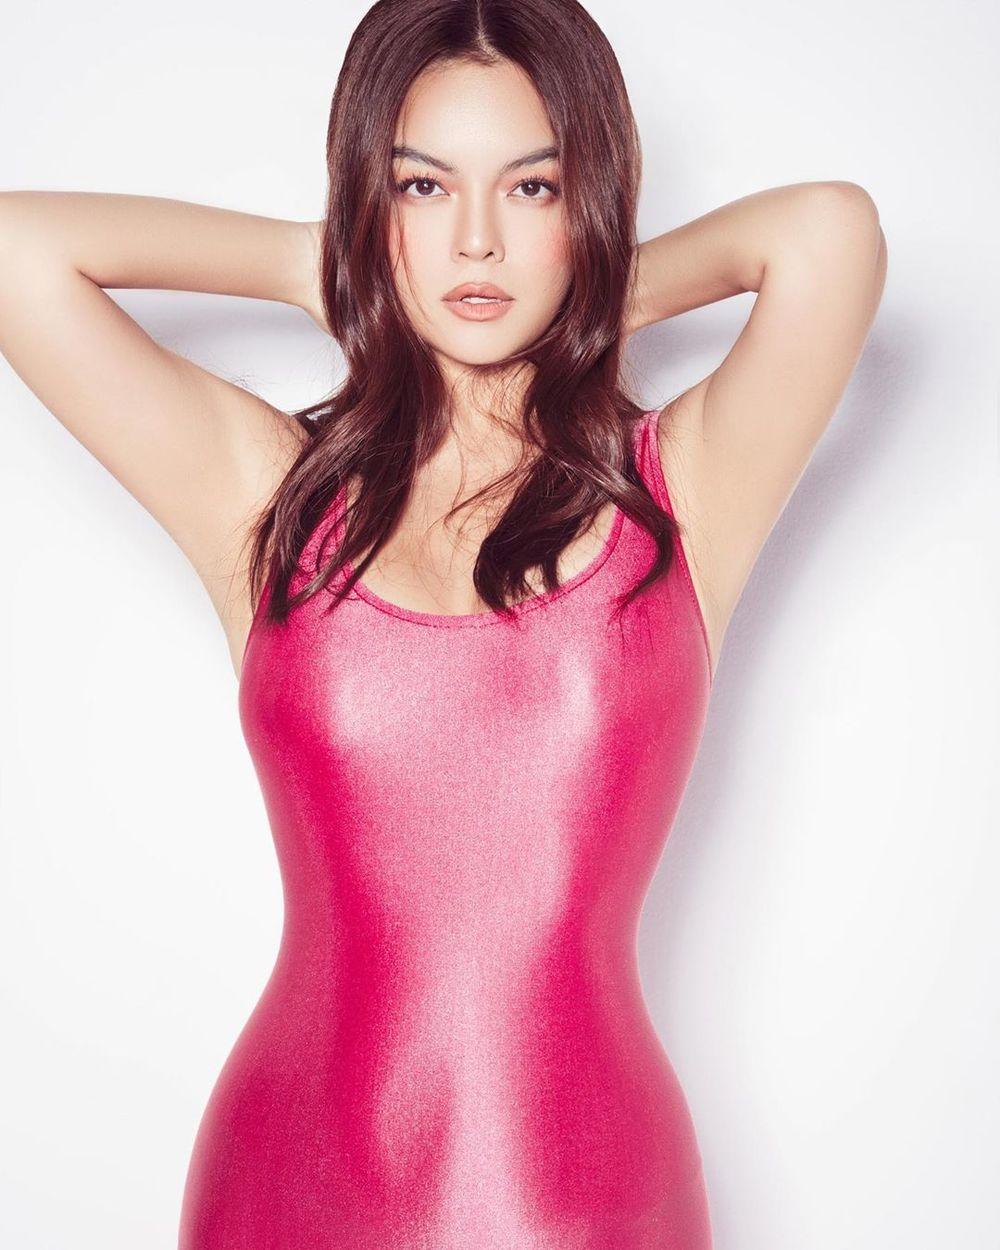 Phạm Quỳnh Anh đăng bộ ảnh mới cô diện bộ bodysuit màu hồng ôm sát cơ thể.